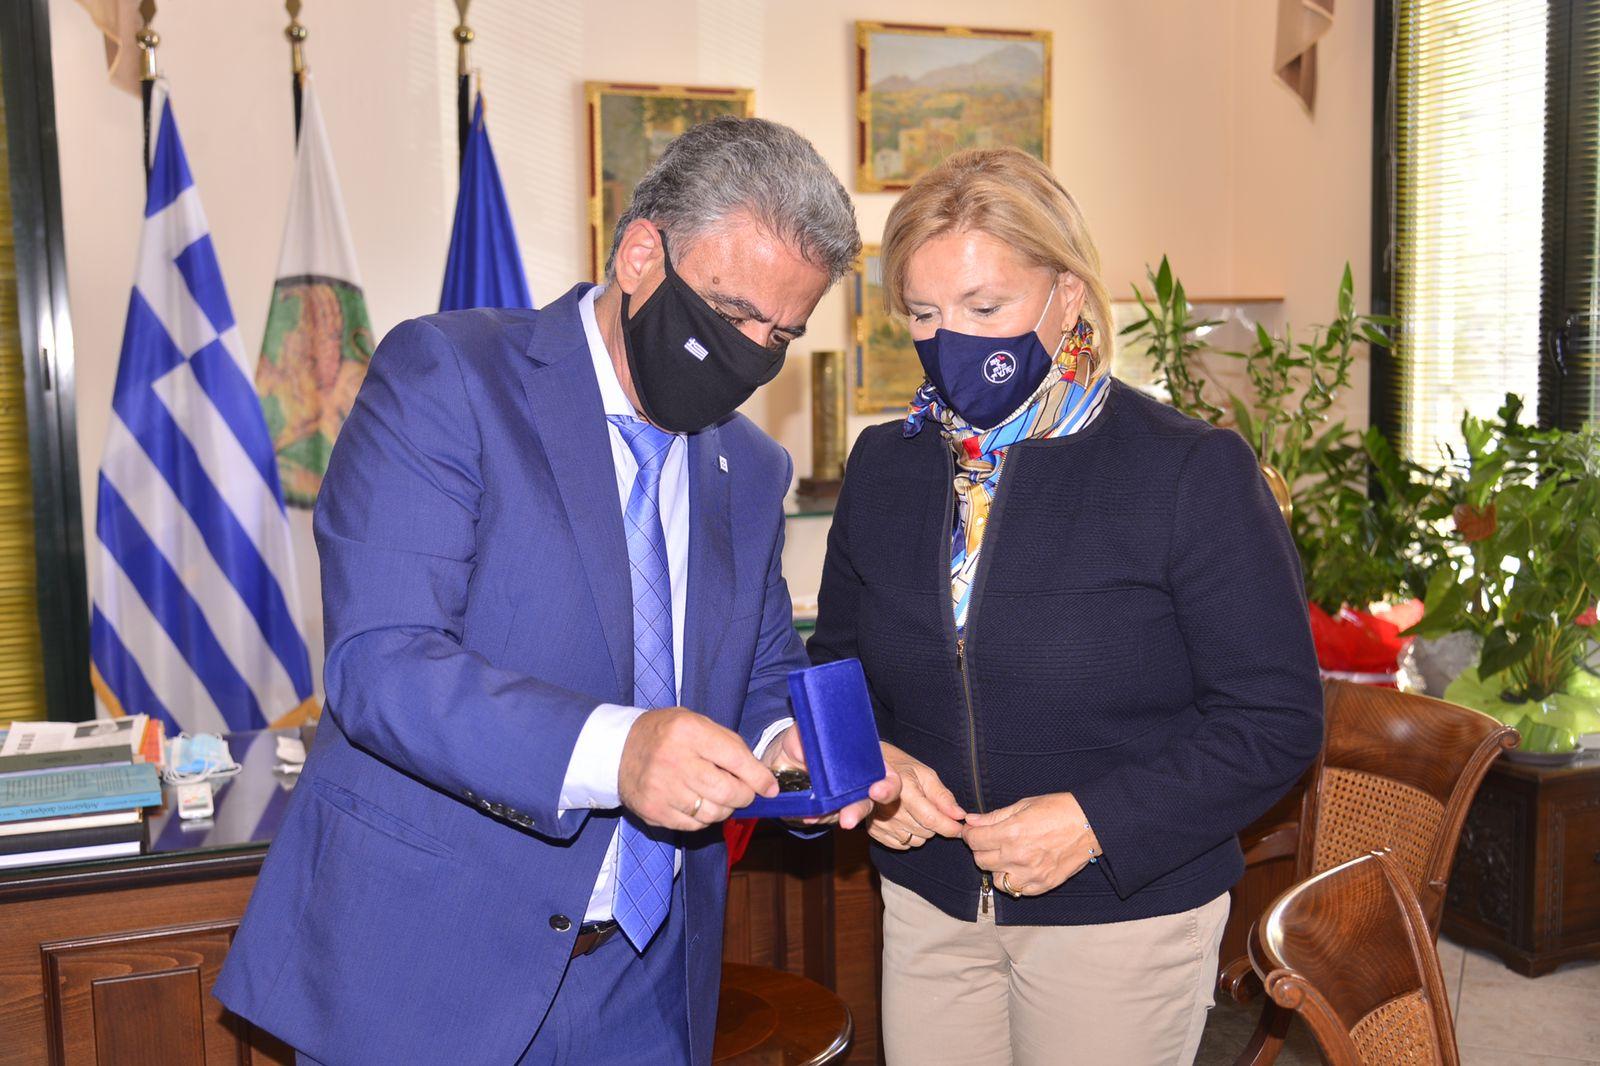 Μίνα Γκάγκα: Επίσκεψη Αναπληρώτριας Υπουργού Υγείας Μίνας Γκάγκα στη Χίο